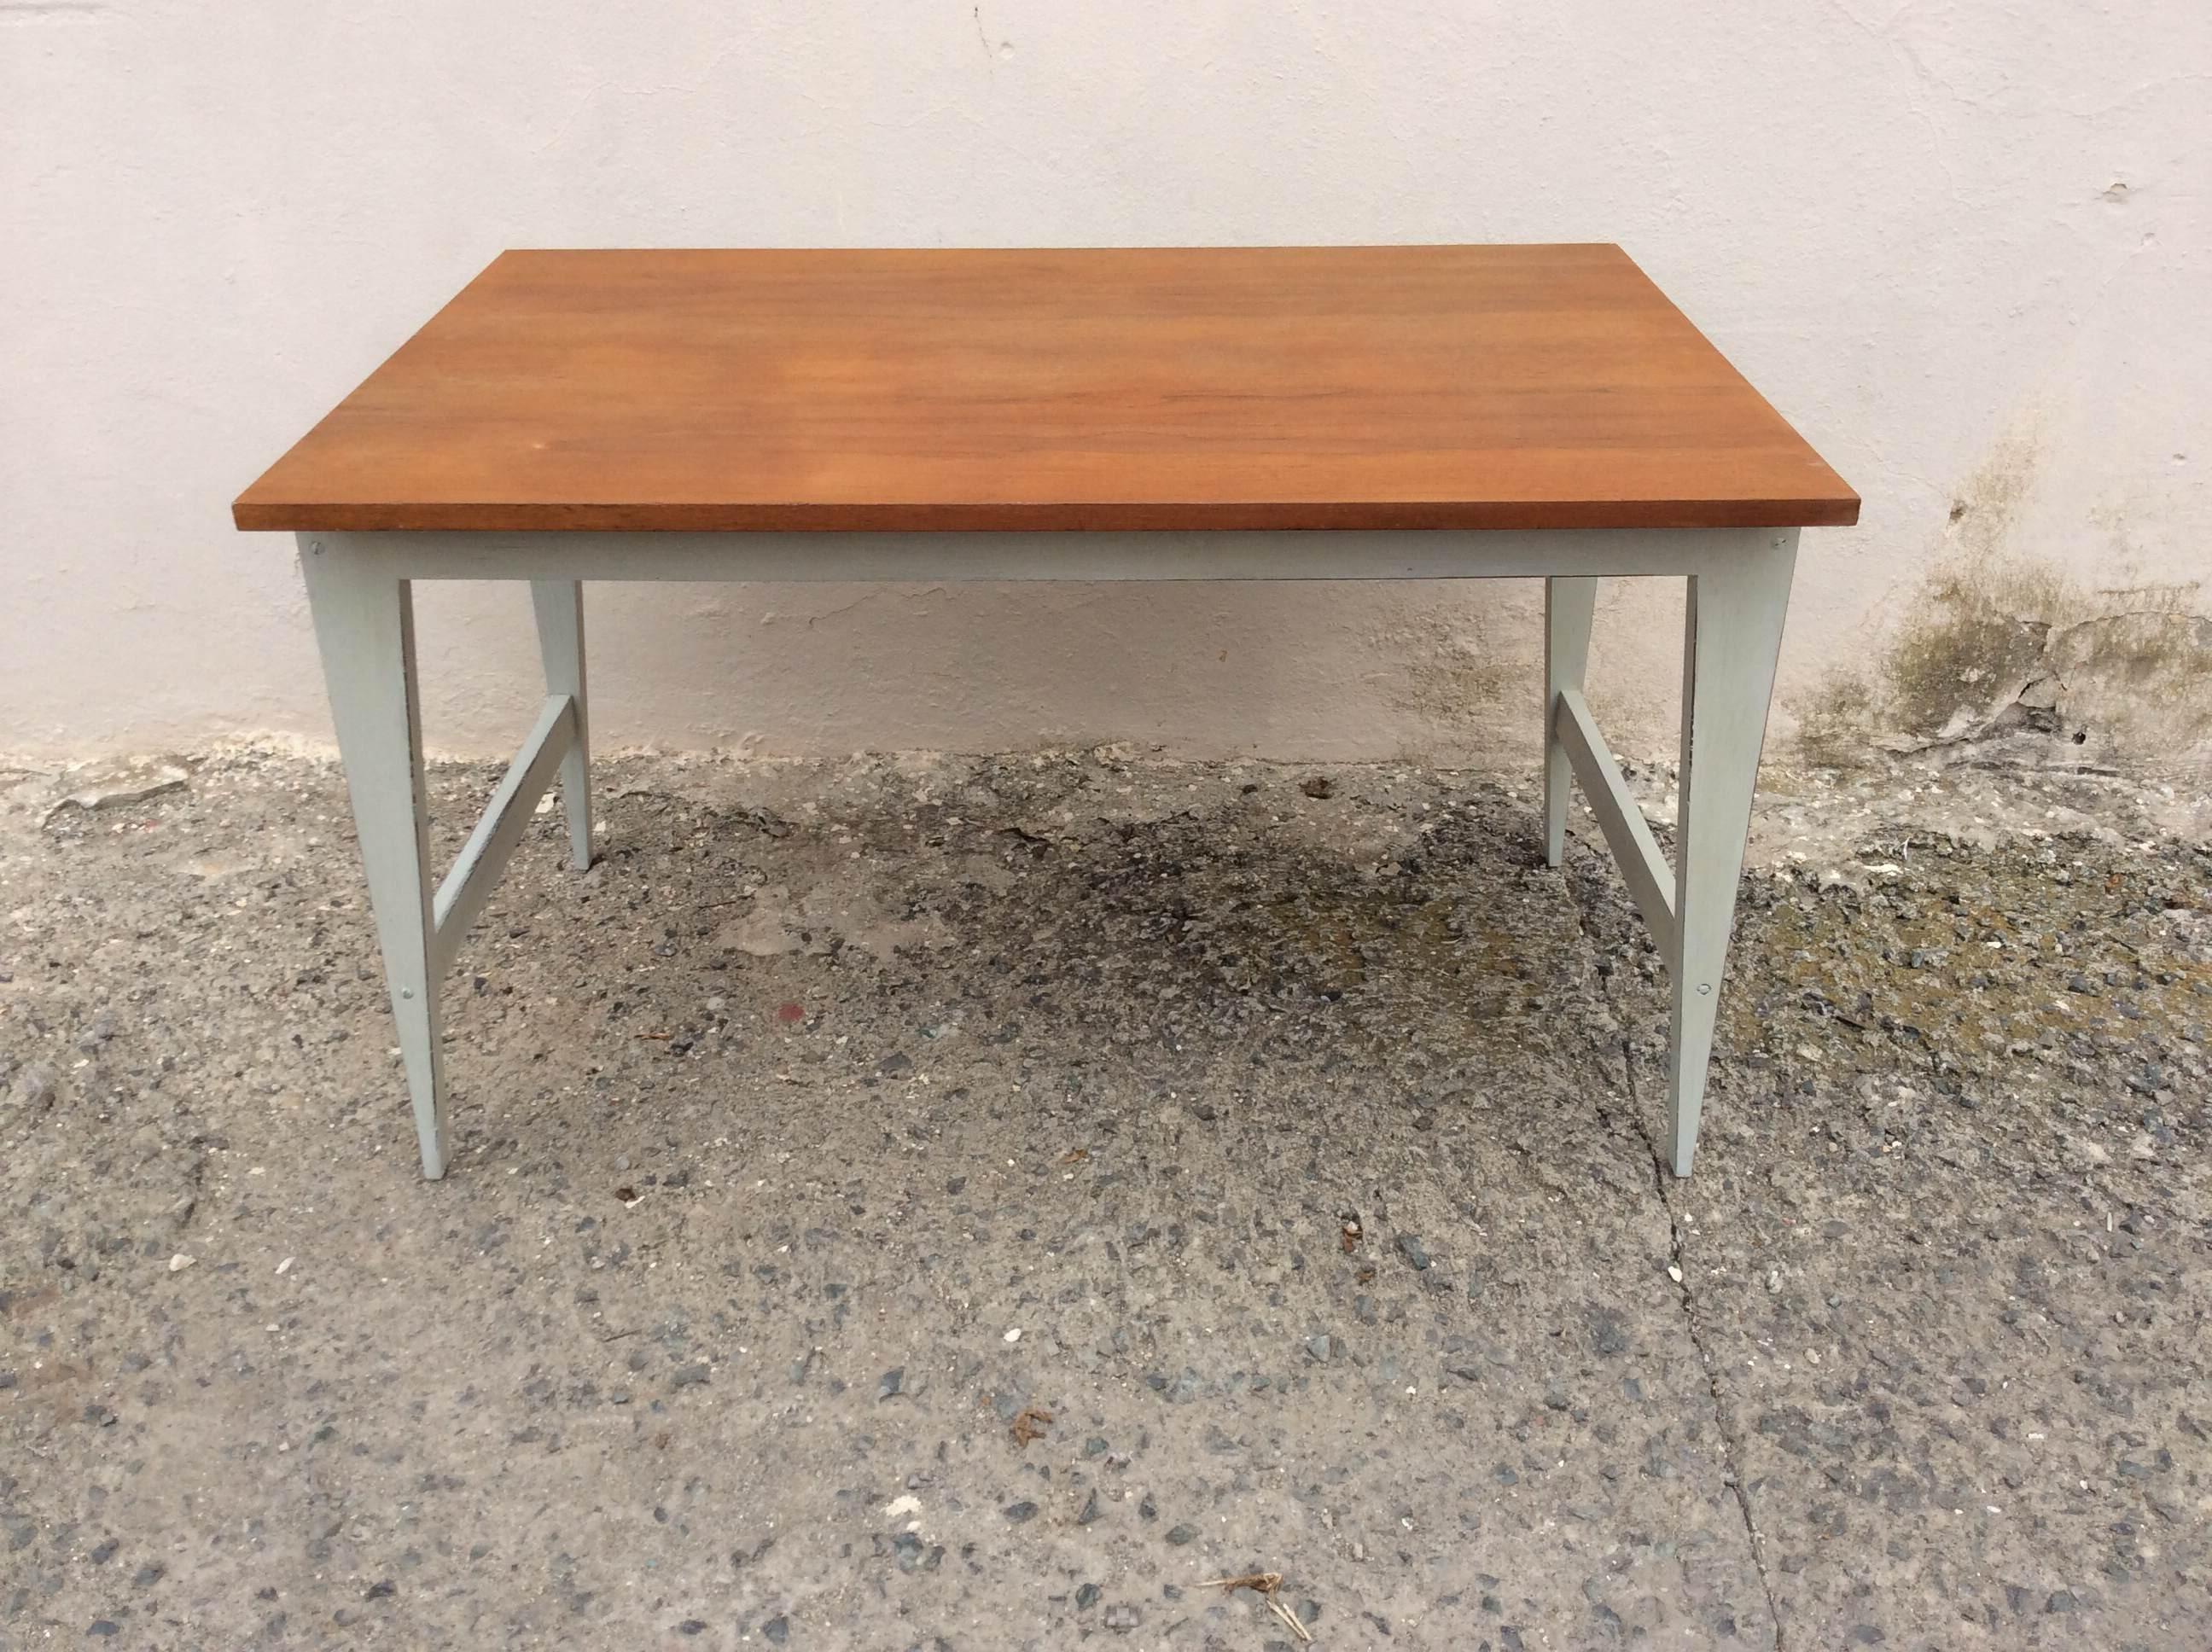 Mesa escritorio blanca y madera polonium 209 for Mesa blanca y madera